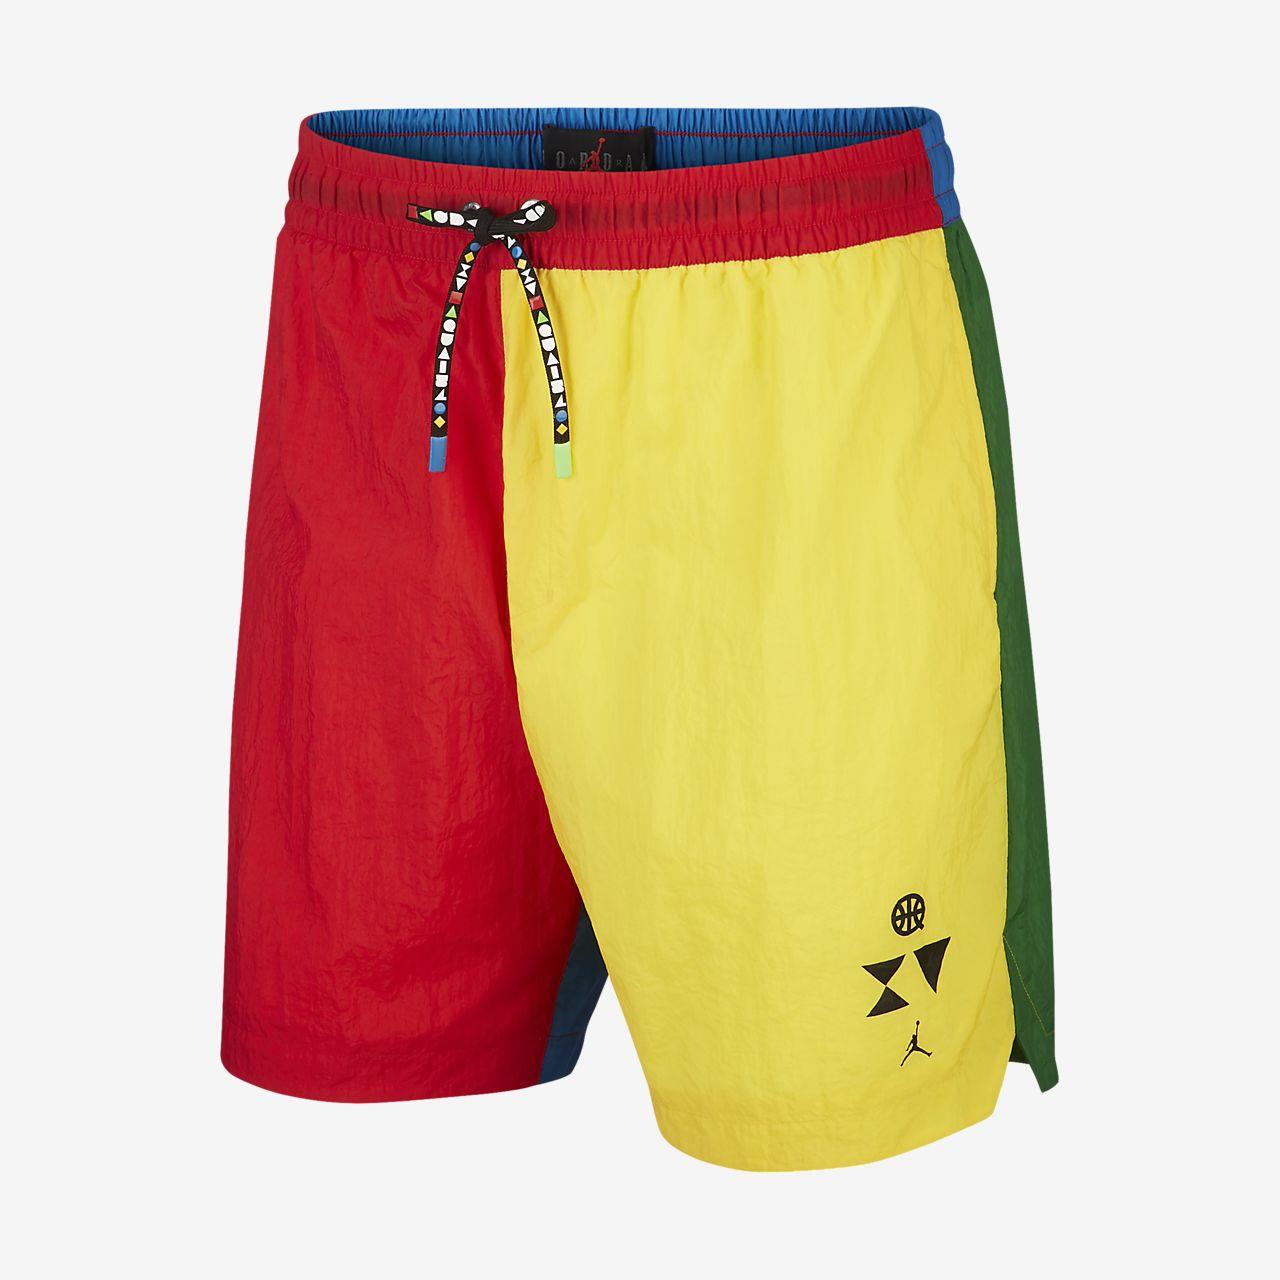 Jordan Quai54 Herren-Poolshorts